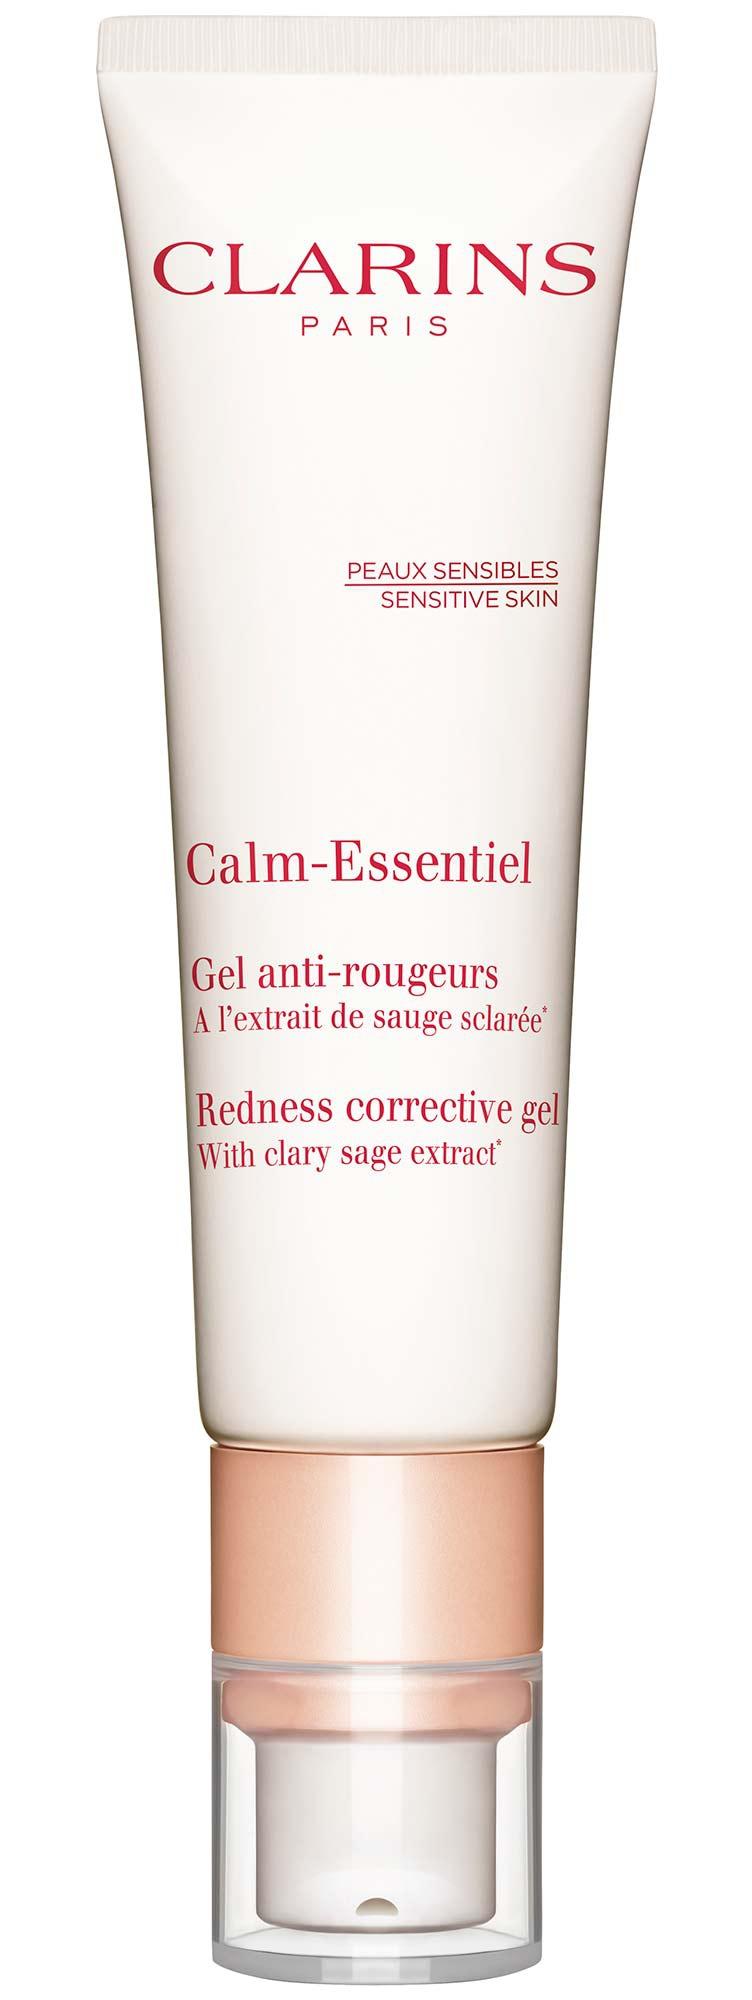 Clarins Calm-Essentiel Anti-Redness Gel